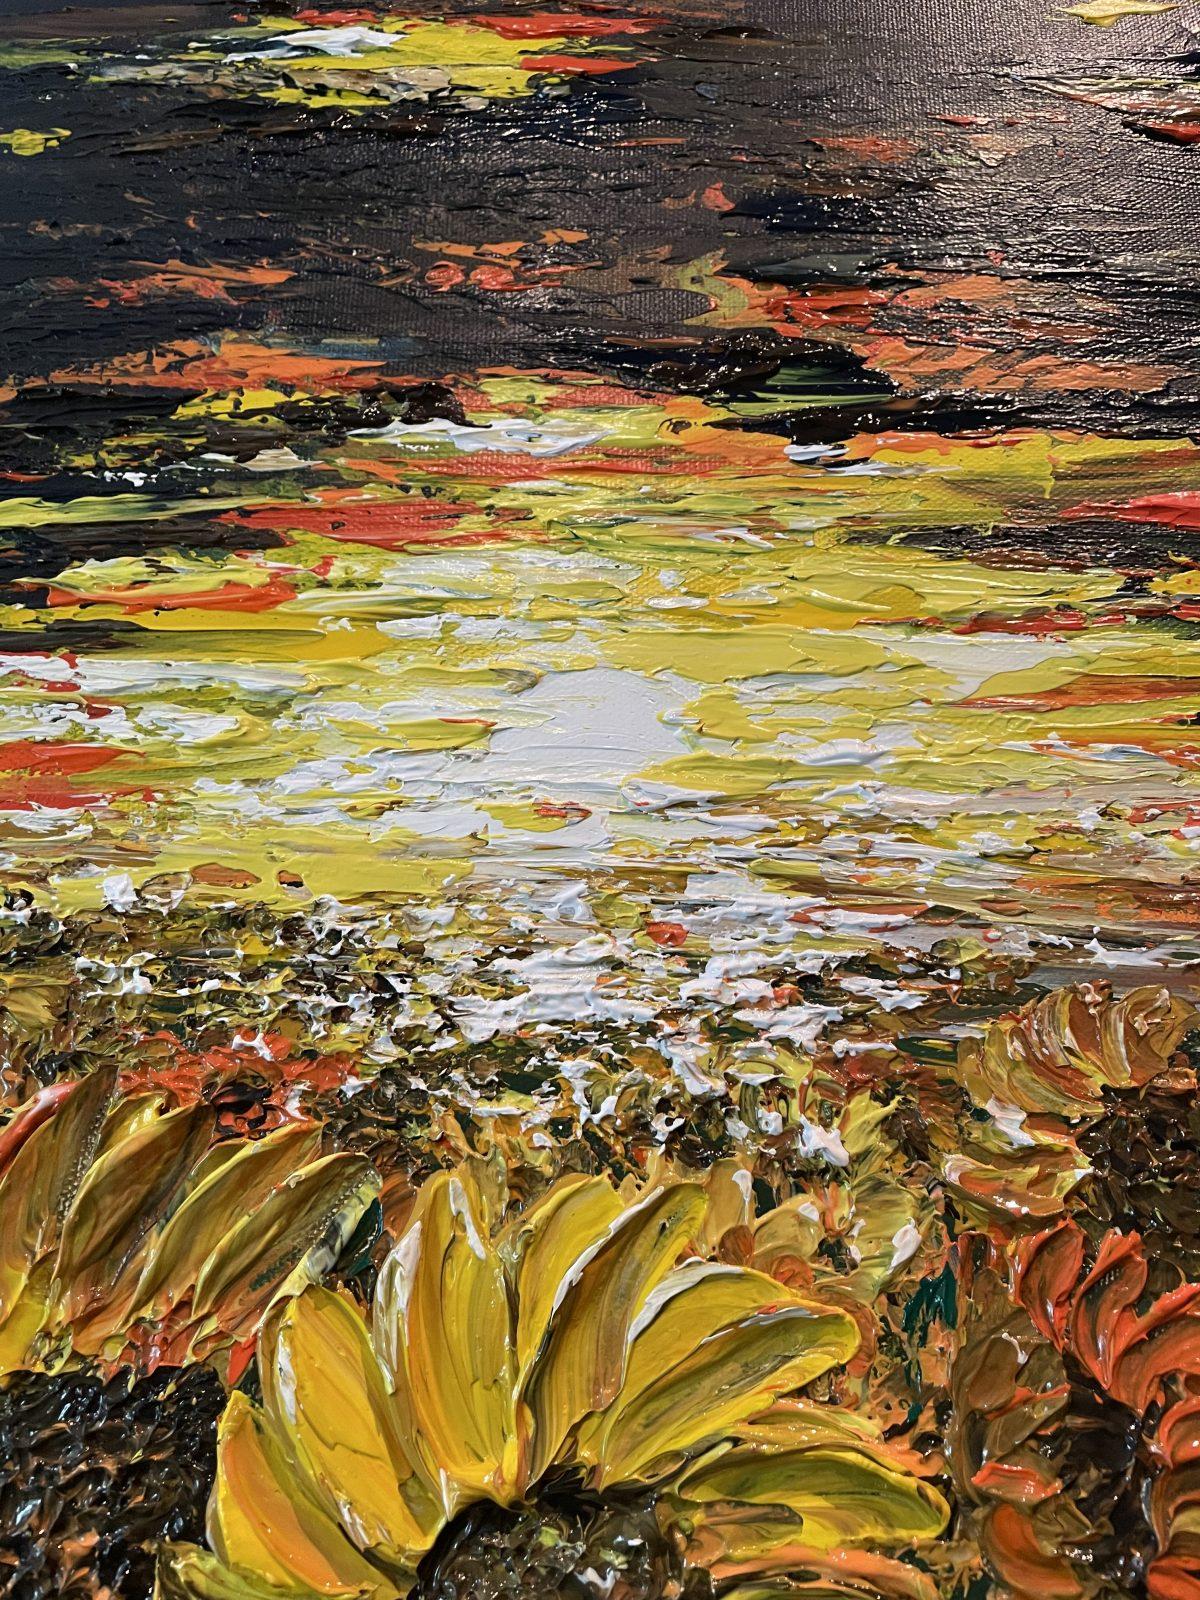 champs de tournesols - auteur Katarzyna Boduch, gros plan sur la texture, soleil